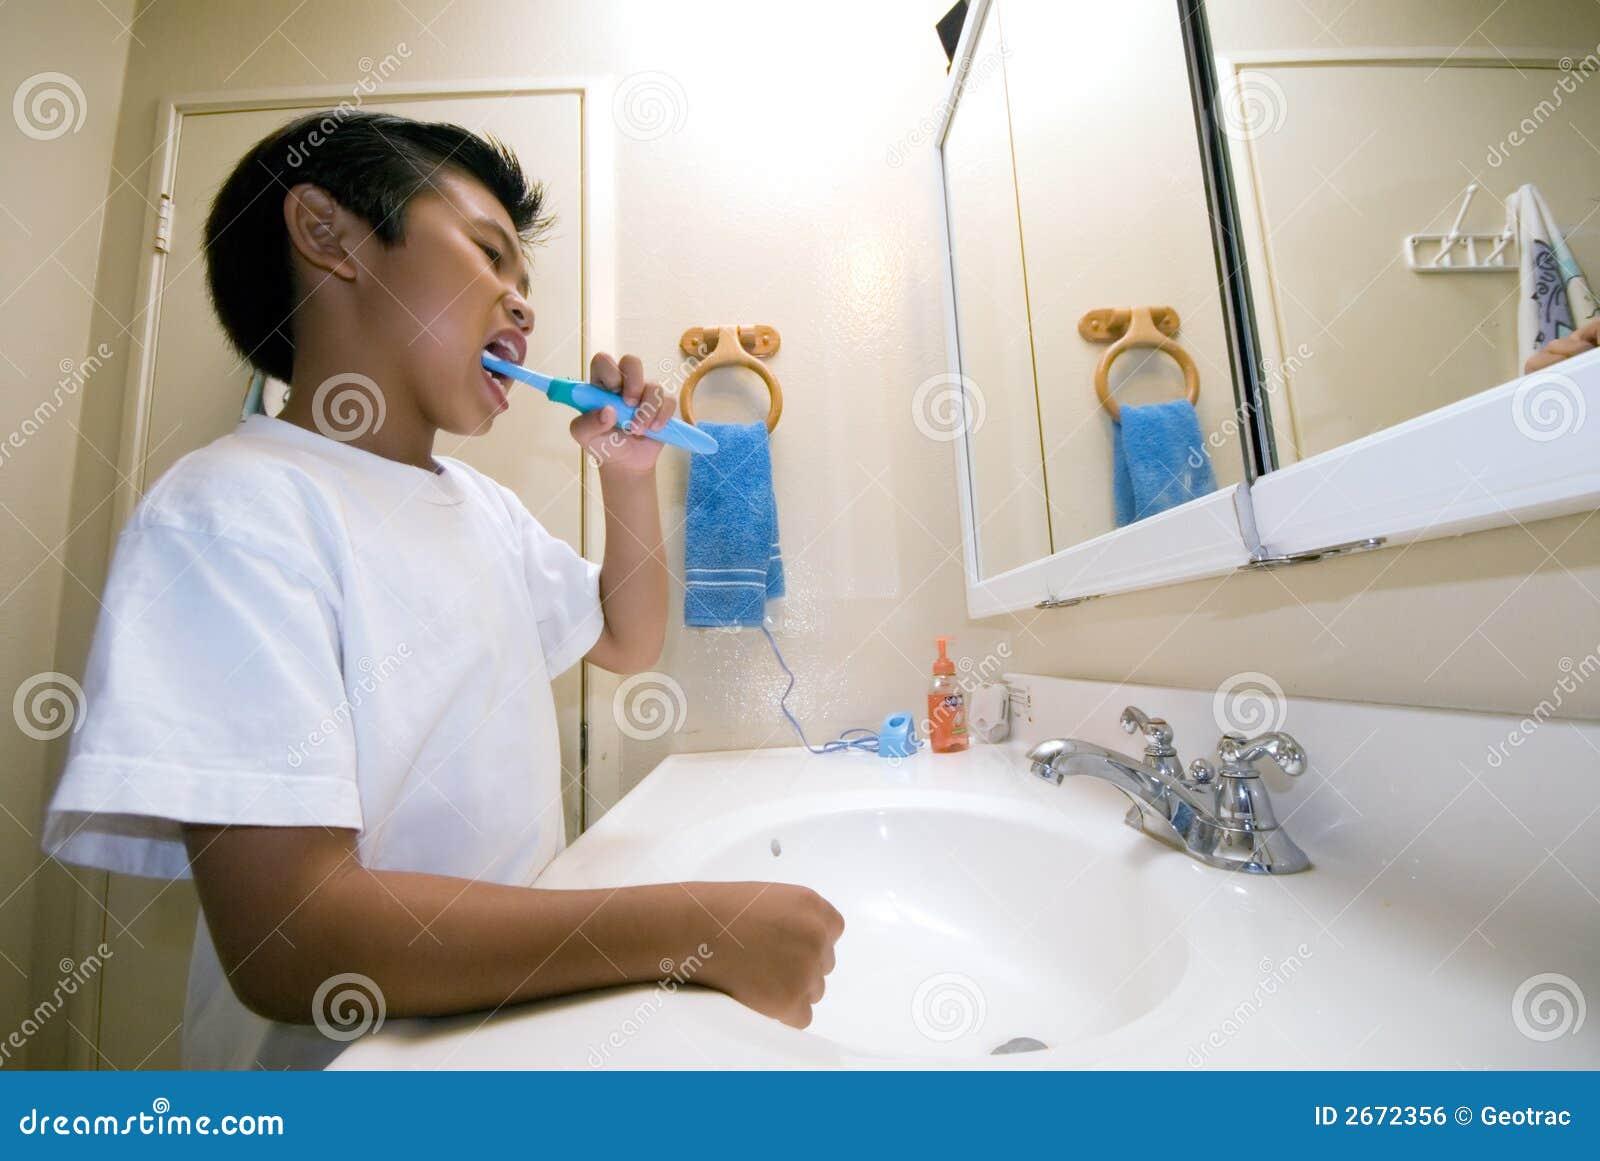 Umyć zęby.